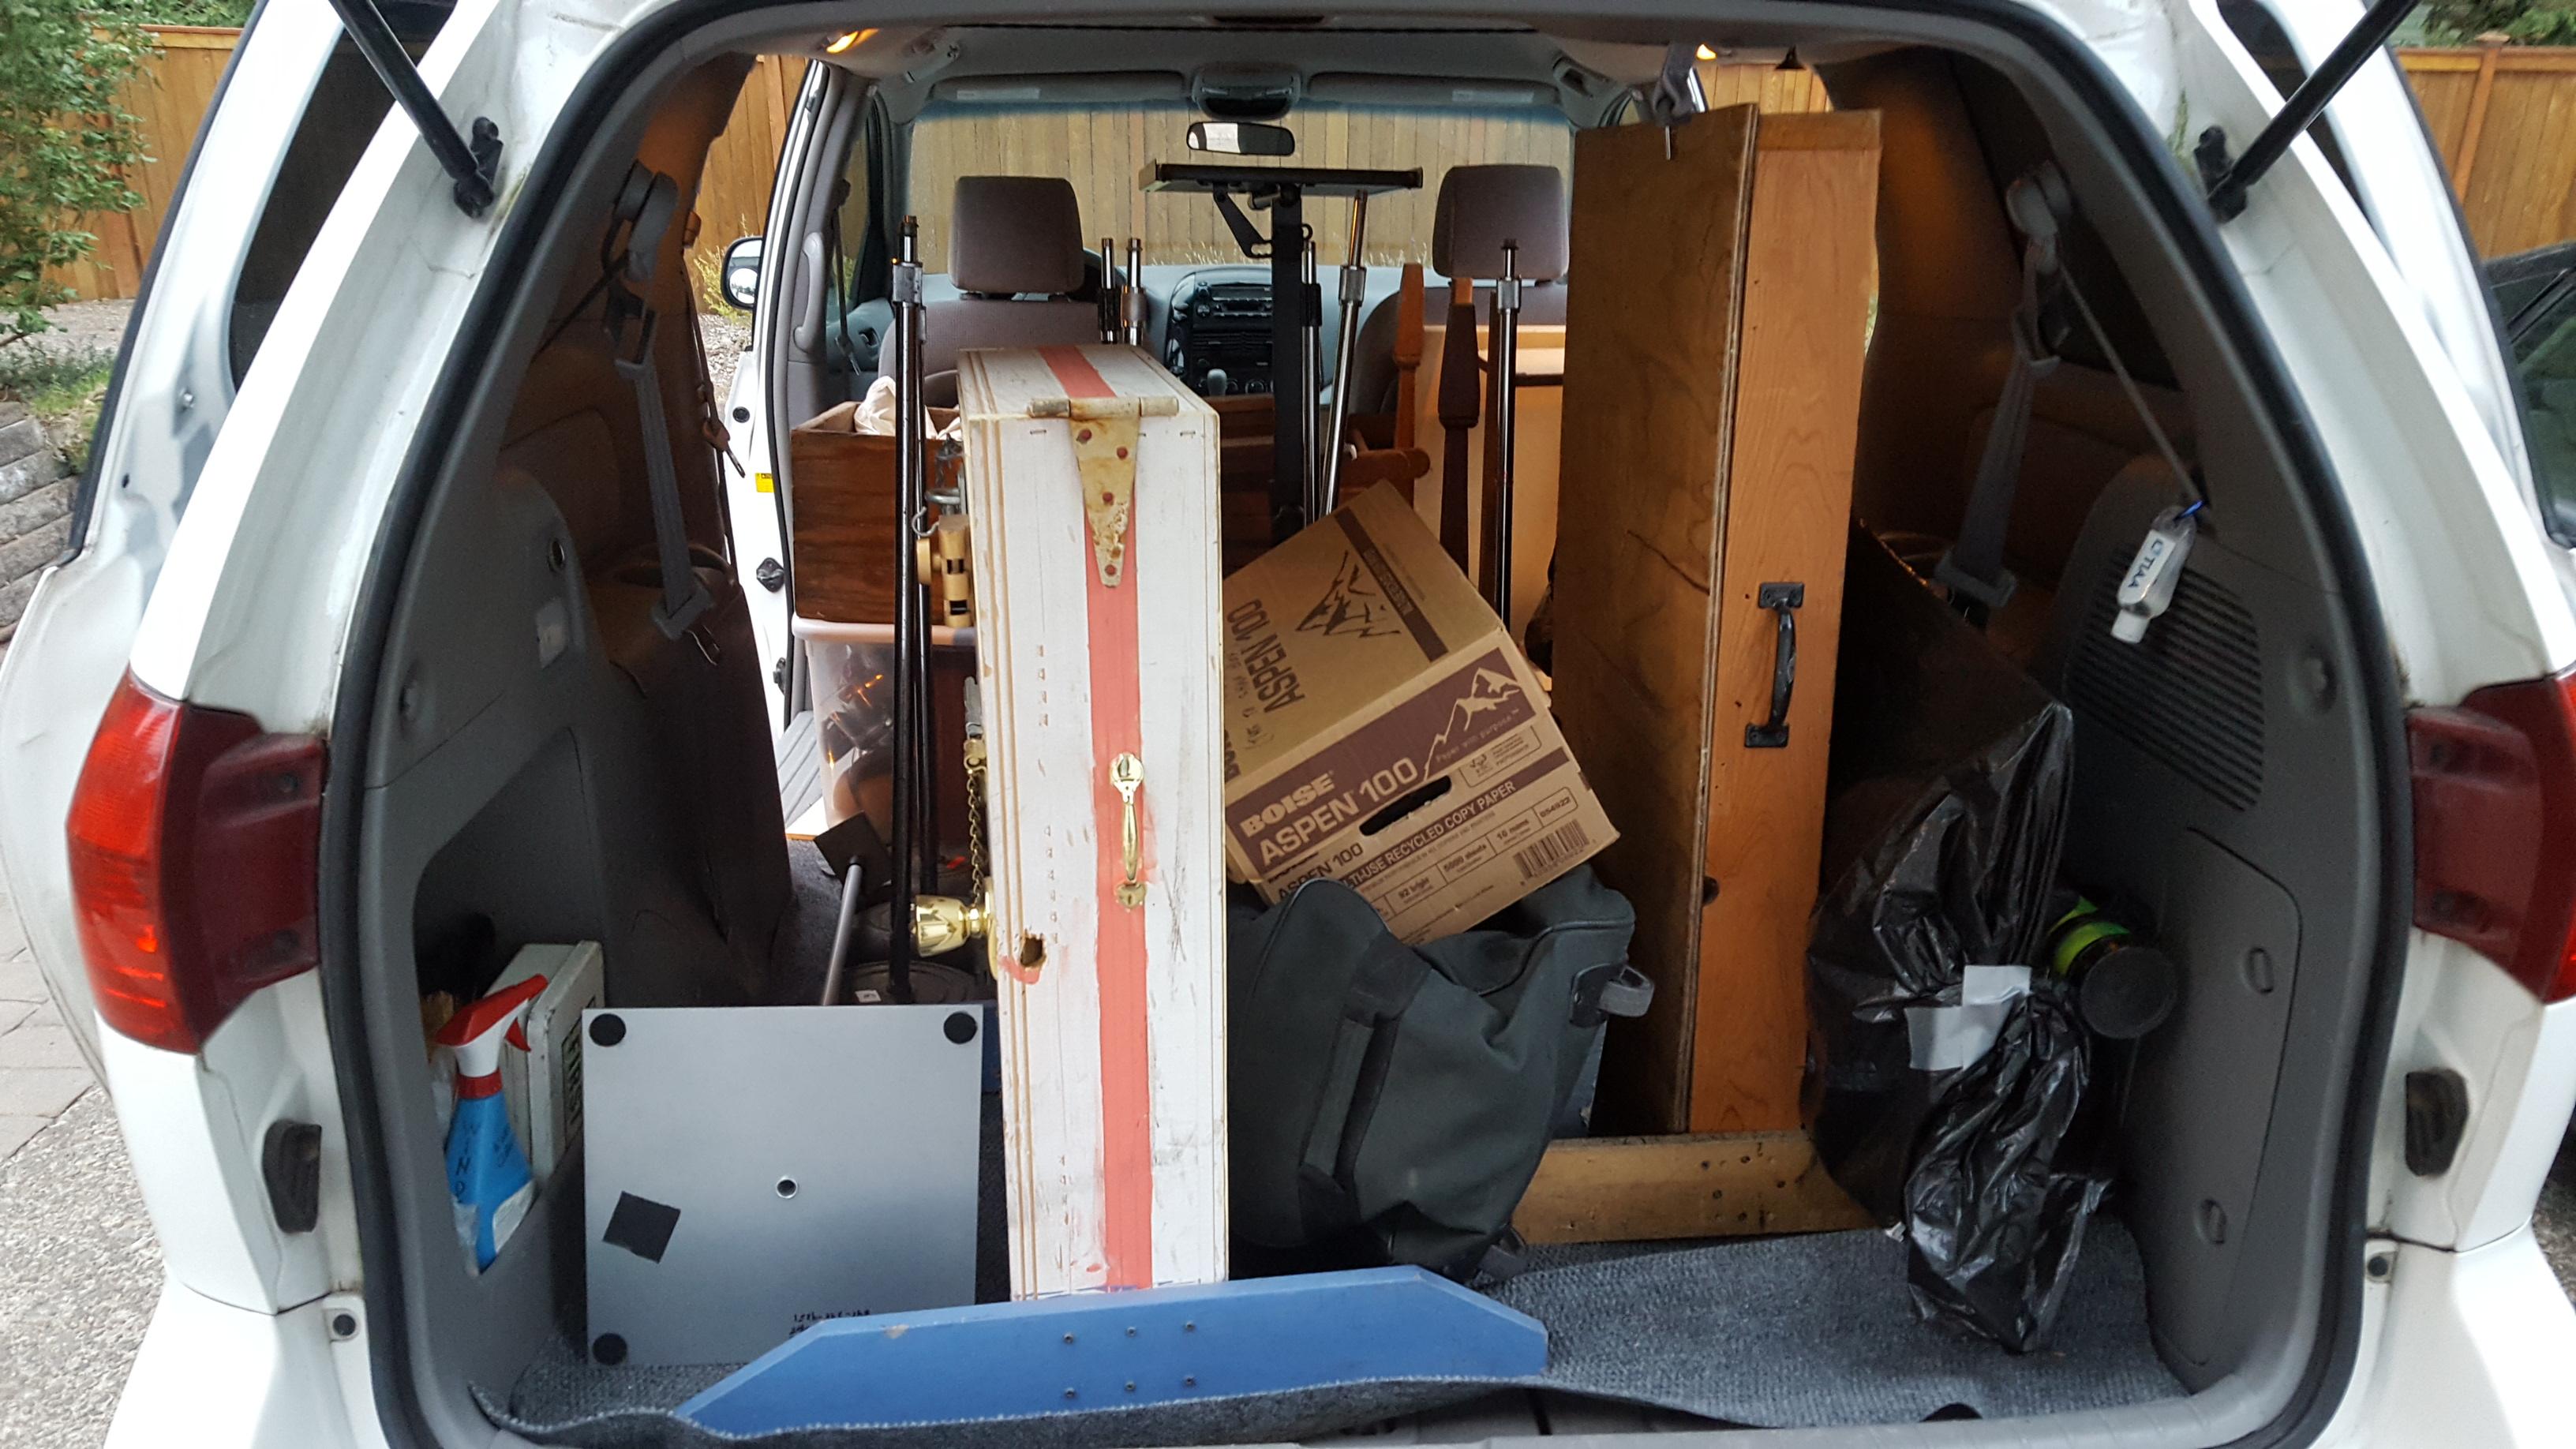 Fred's Van